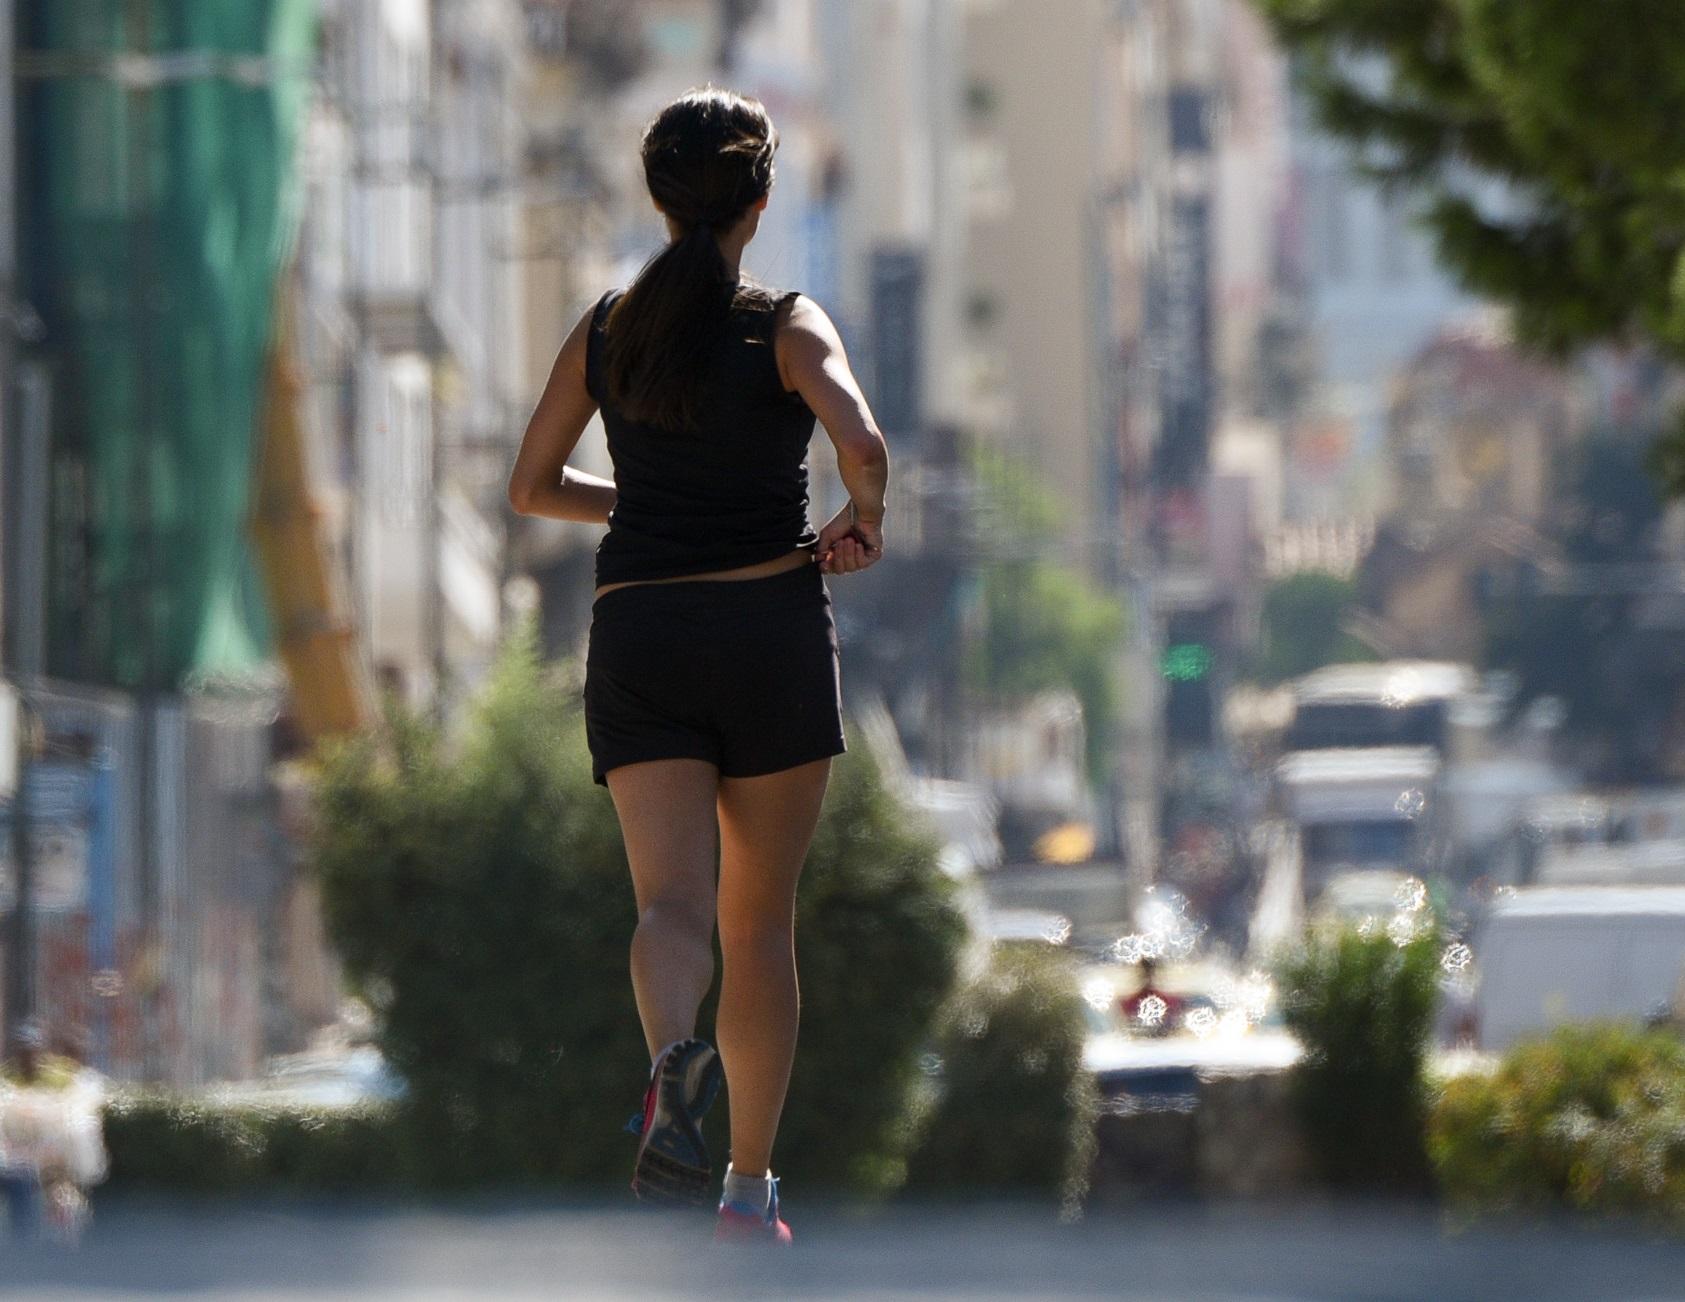 Βόλος: Πέταξε βενζίνη σε γυναίκα που έβλεπε για πρώτη φορά! Προβληματίζει το παζλ της επίθεσης